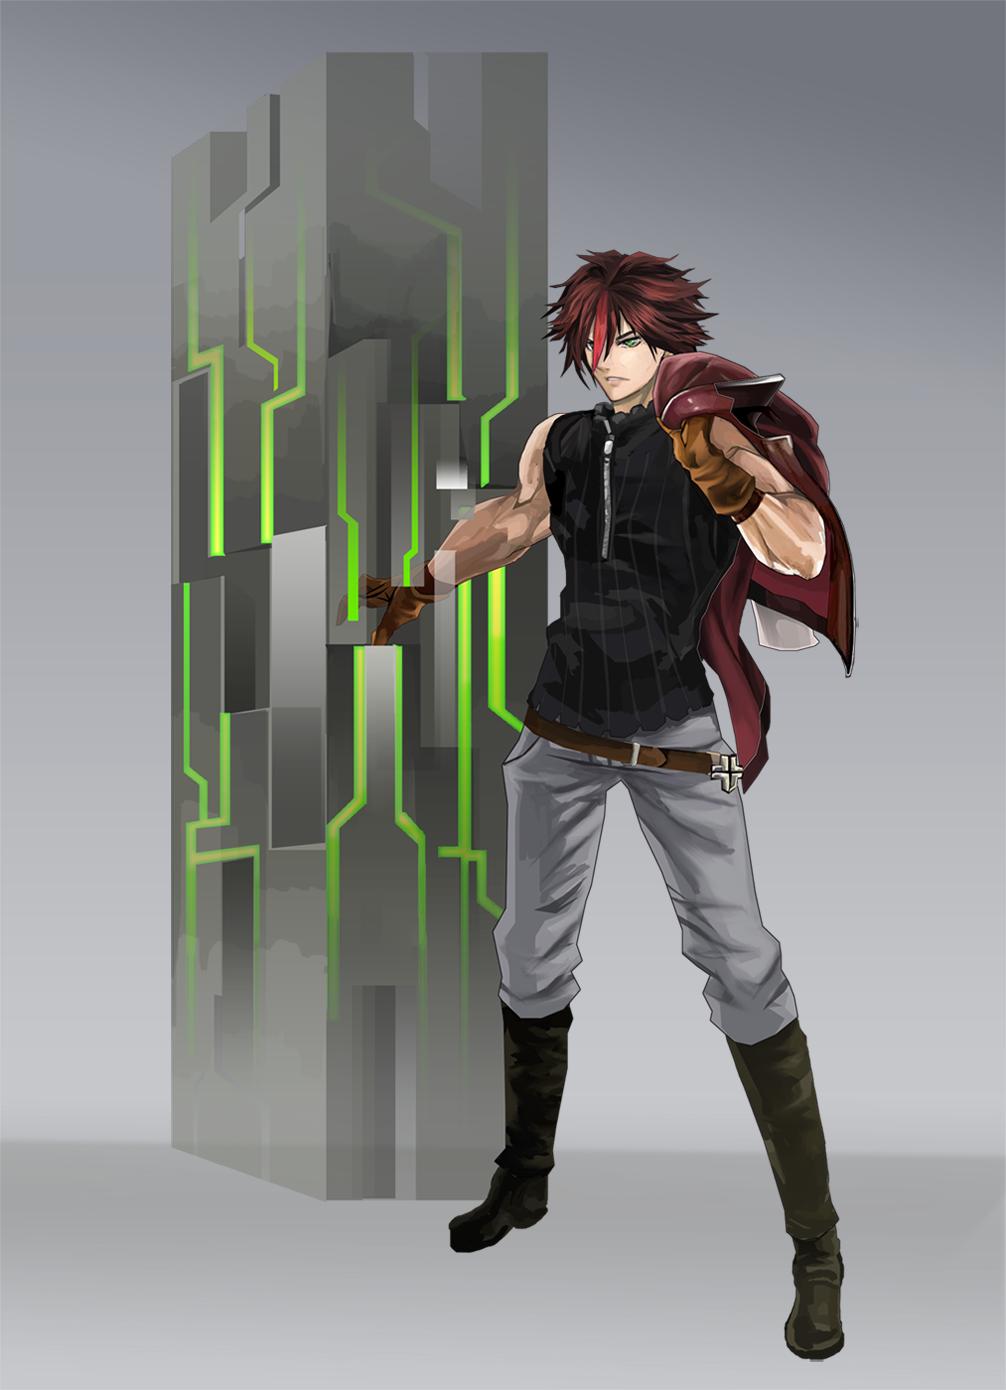 monolith by nijiooezt